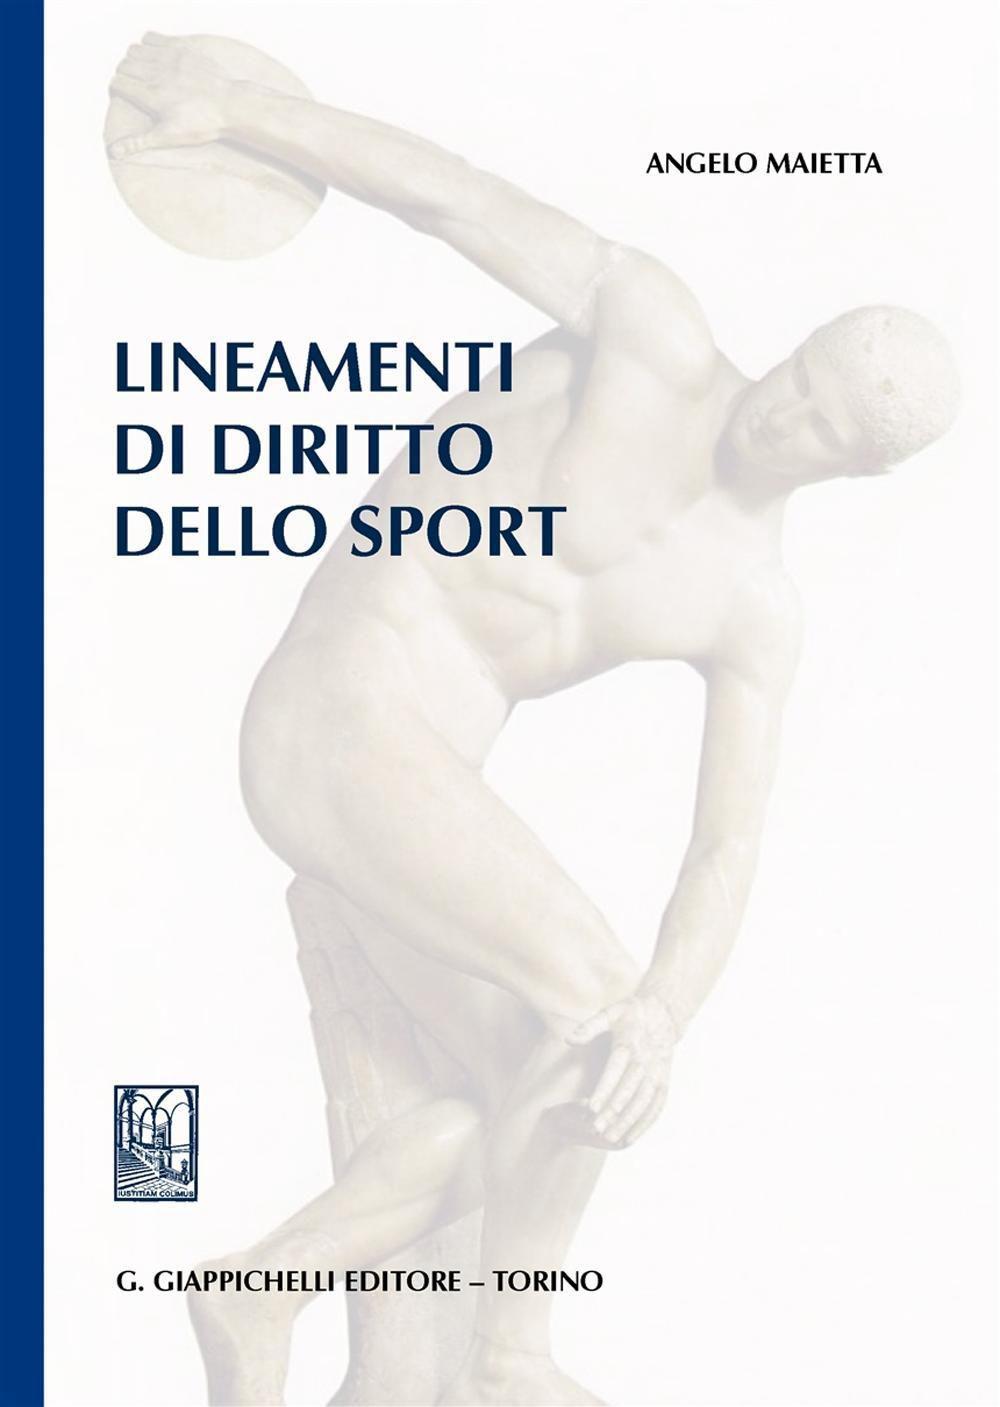 Lineamenti di diritto dello sport. Angelo Maietta